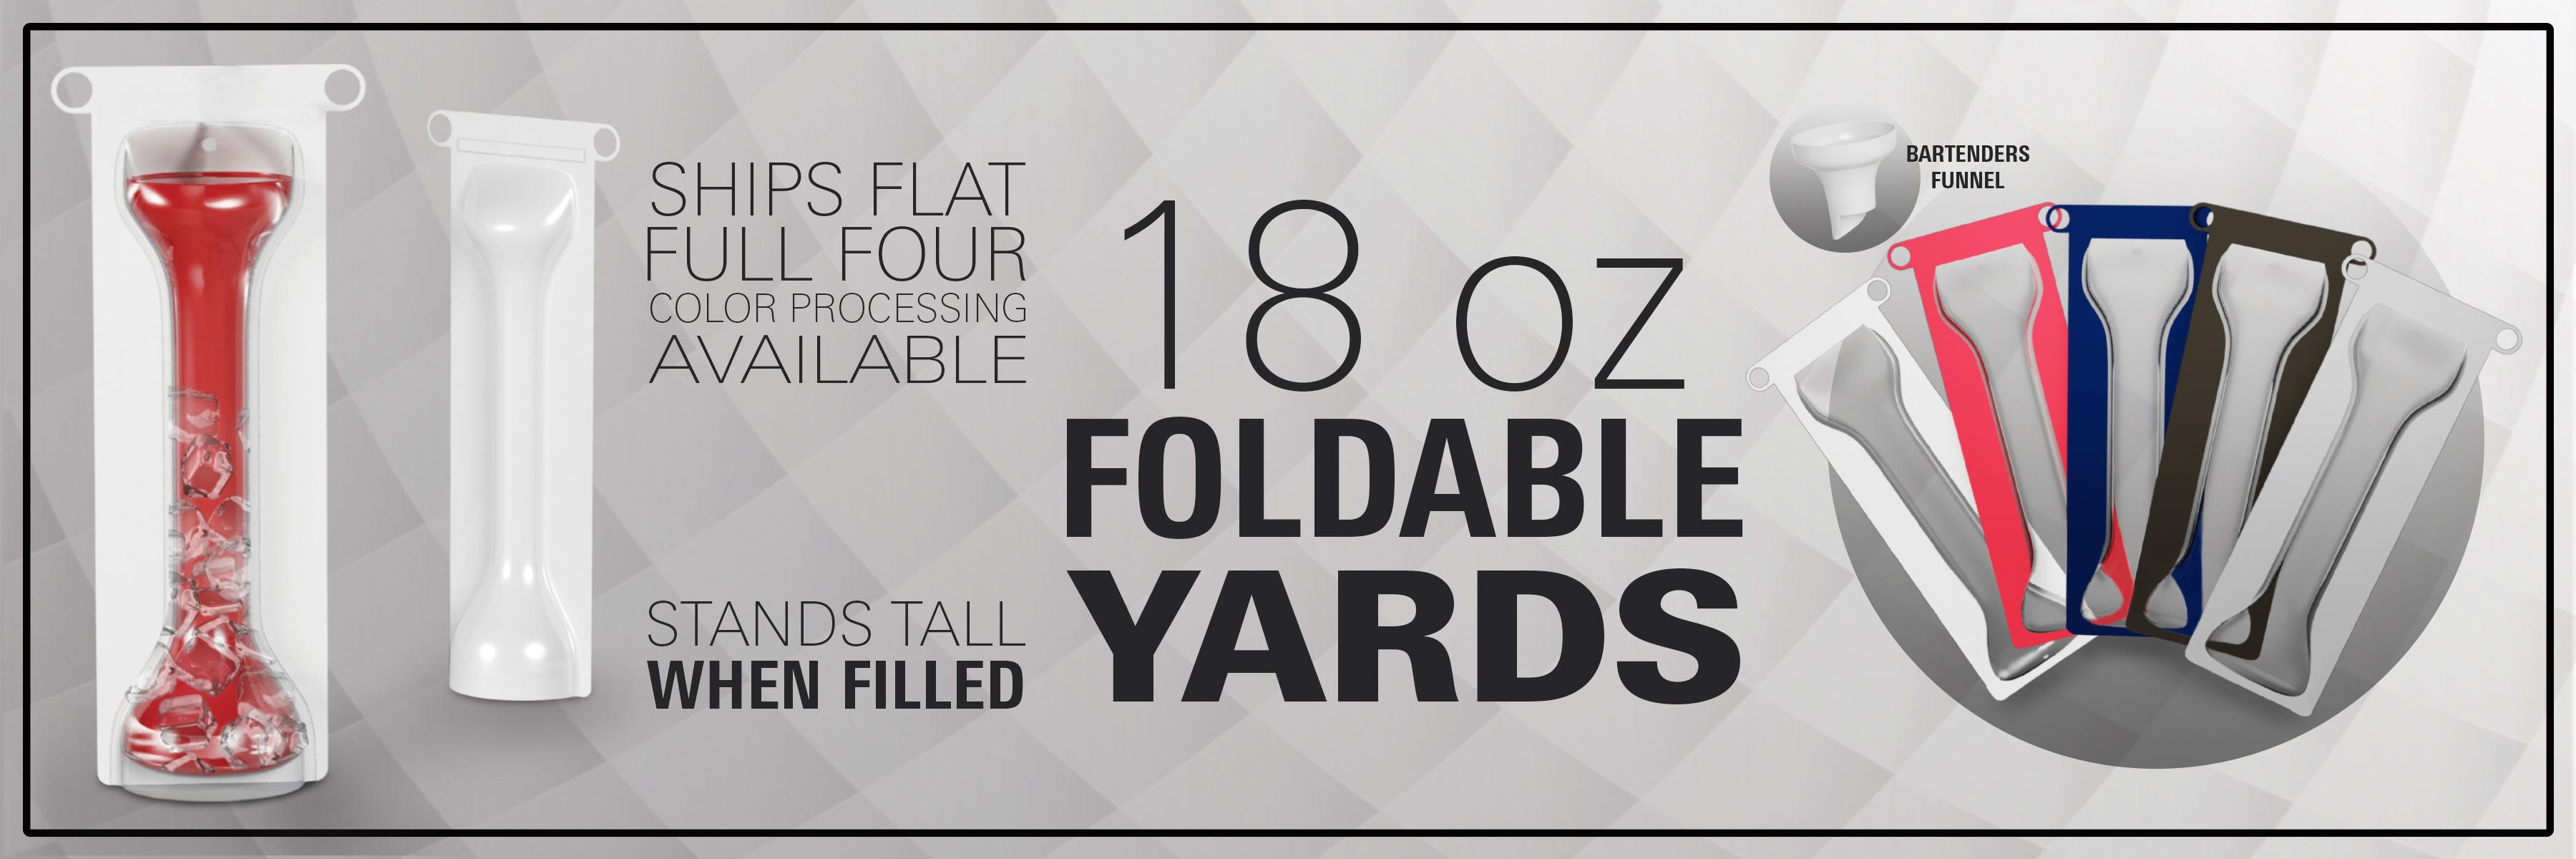 Foldable Yards